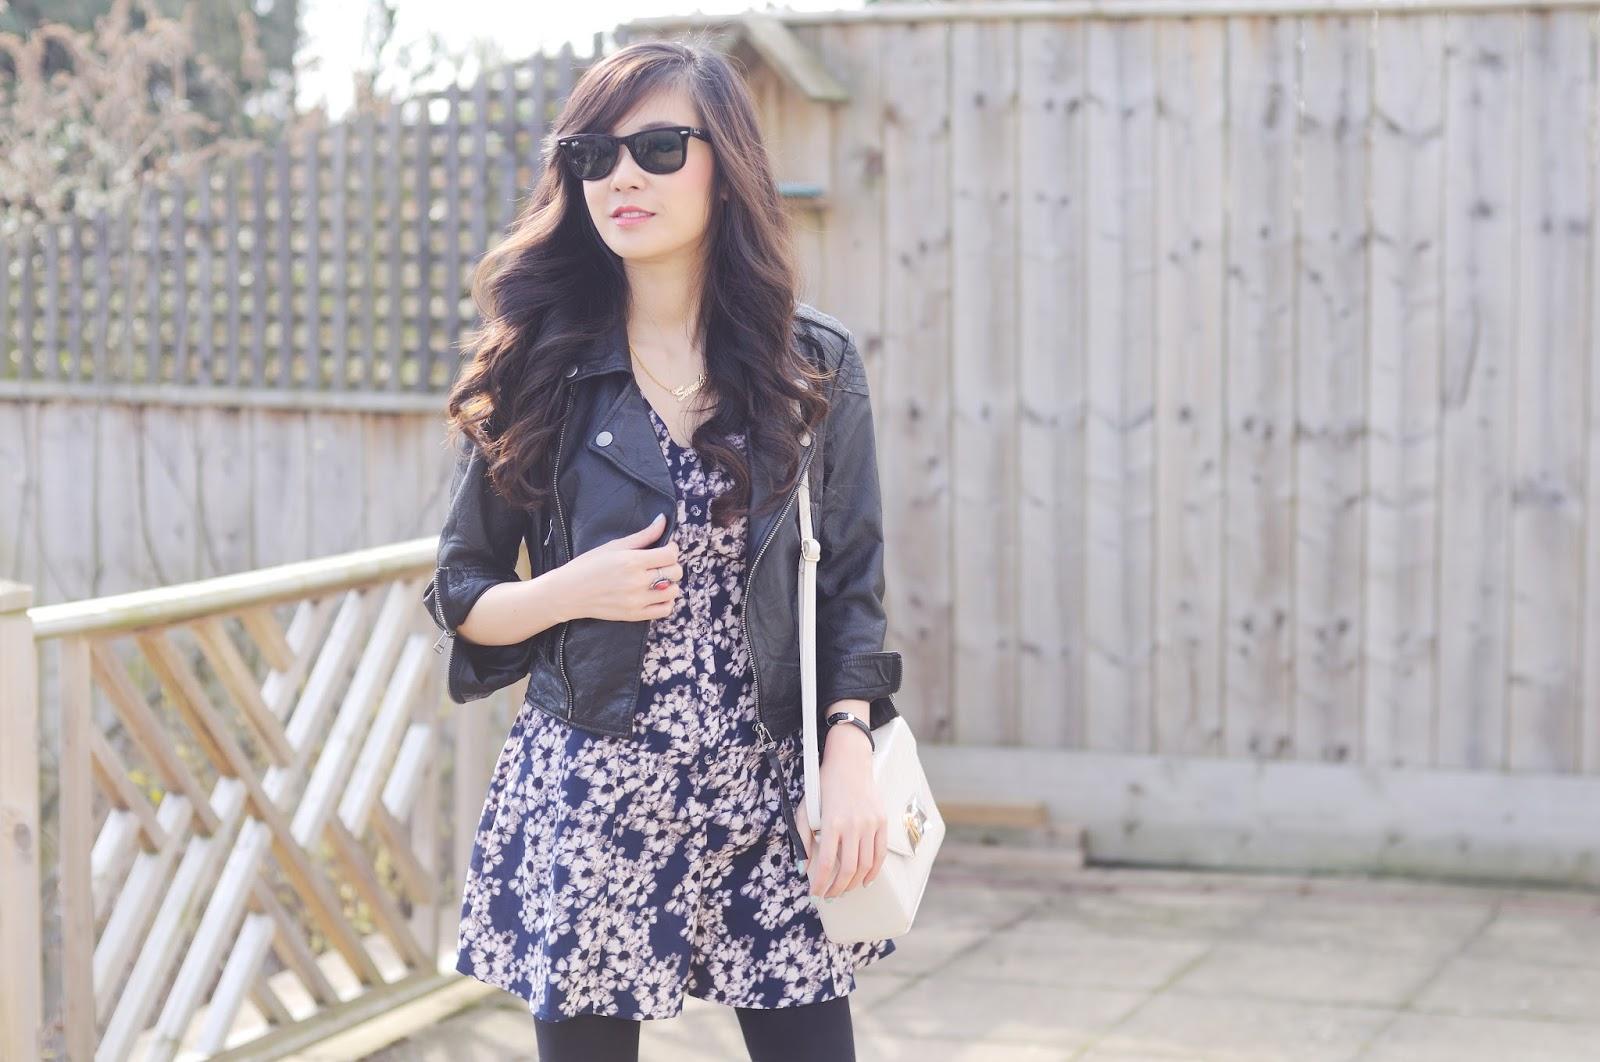 fashion blogger uk, fashion blog uk, british fashion bloggers